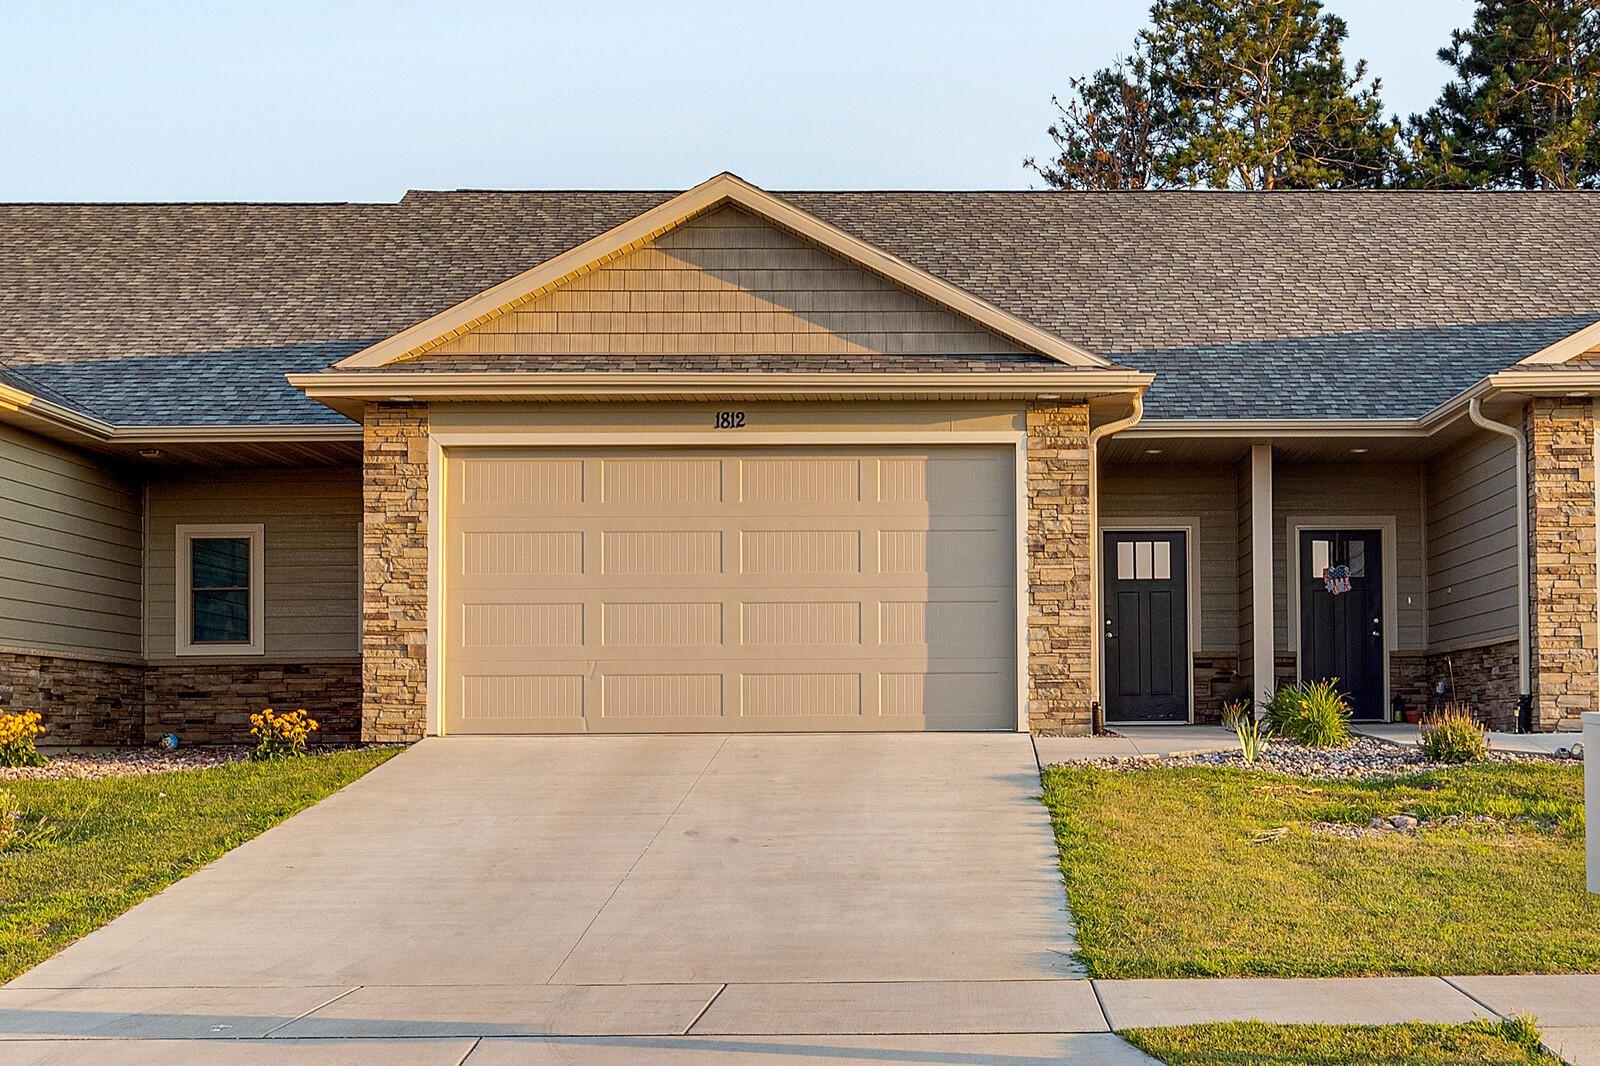 1810 Prairie Pl, Holmen, WI 54636 - MLS#: 1758700